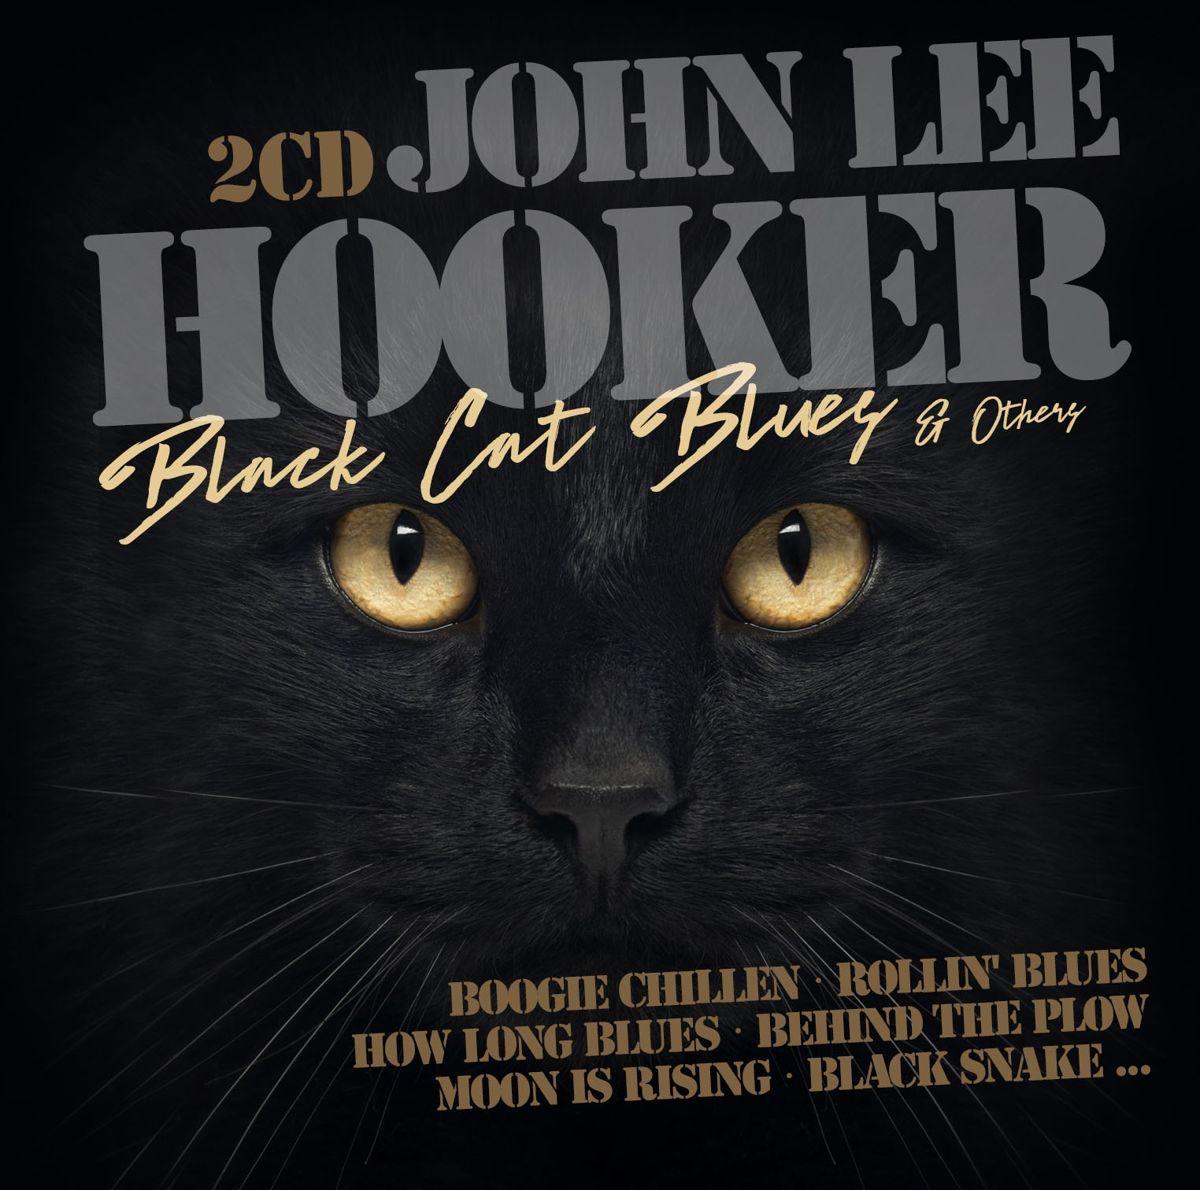 Джон Ли Хукер John Lee Hooker. Black Cat & Other Hits (2 CD) джон ли хукер john lee hooker blues is the healer 10 cd